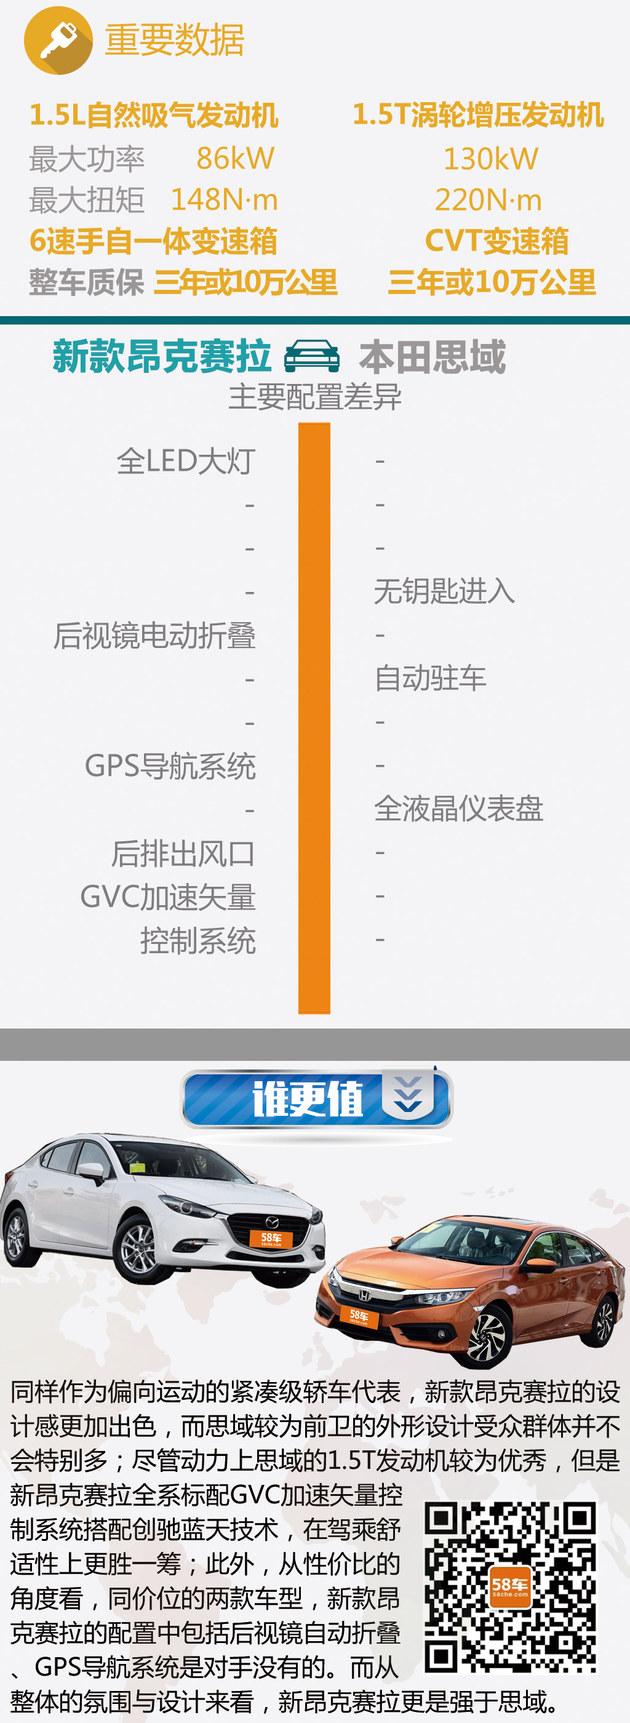 昂克赛拉过招本田思域 运动型车怎么选